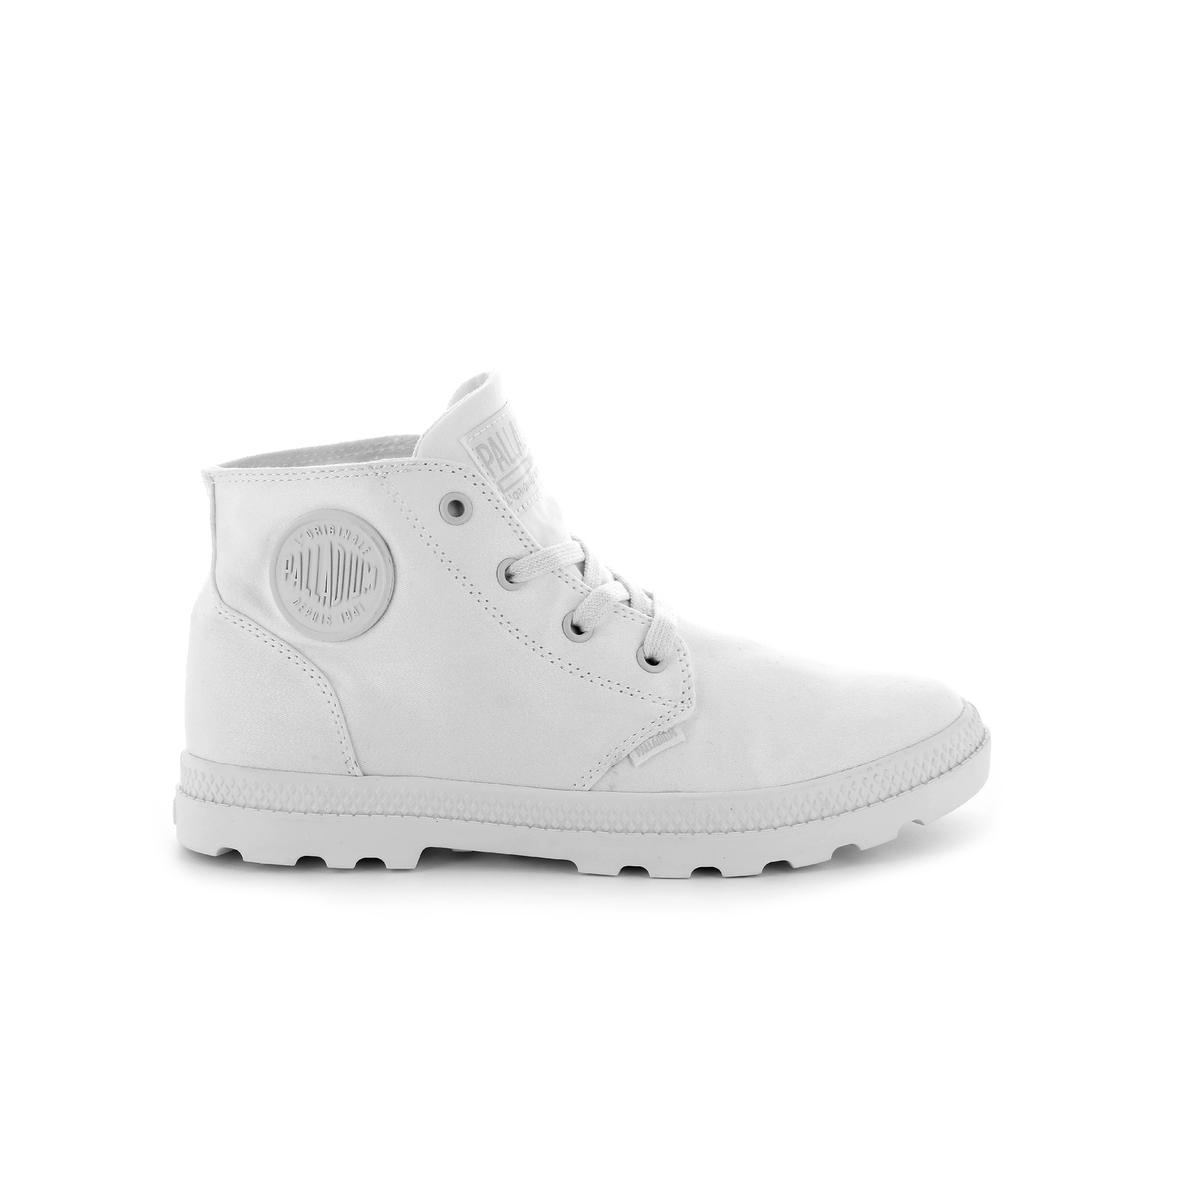 Кеды высокие Pampa Free CvswОписание:Детали •  Кеды высокие •  Спортивный стиль •  Плоский каблук •  Высота каблука : 2 см •  Застежка : шнуровкаСостав и уход •  Верх/Голенище : 100% текстиль •  Подкладка : 100% хлопок •  Стелька : 100% хлопок •  Подошва : 100% каучук<br><br>Цвет: белый,светло-серый<br>Размер: 38.38.39.37